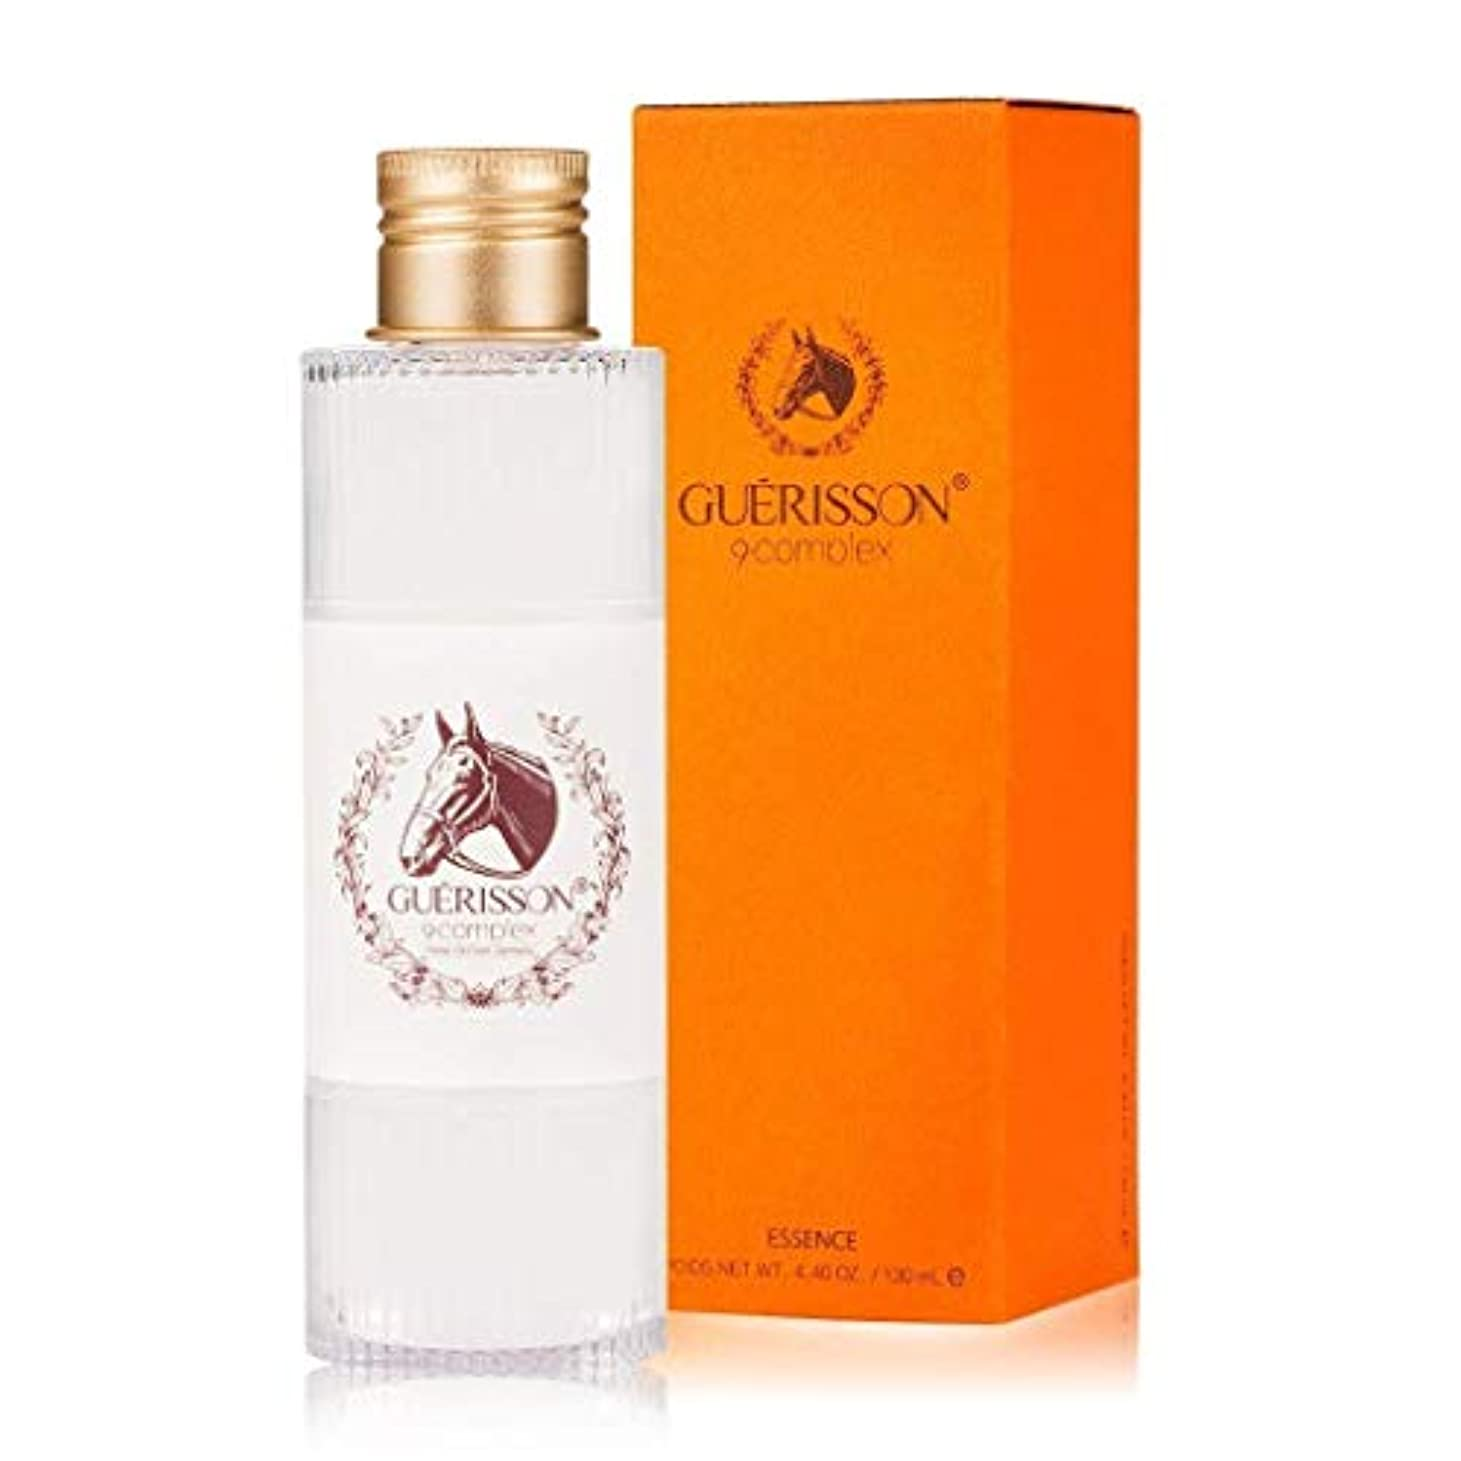 結婚式テキスト一方、Guerisson 9 Complex Horse Oil Essence (Moisturizing Serum) 130ml(2019 Ver. Up)/Korea Cosmetics